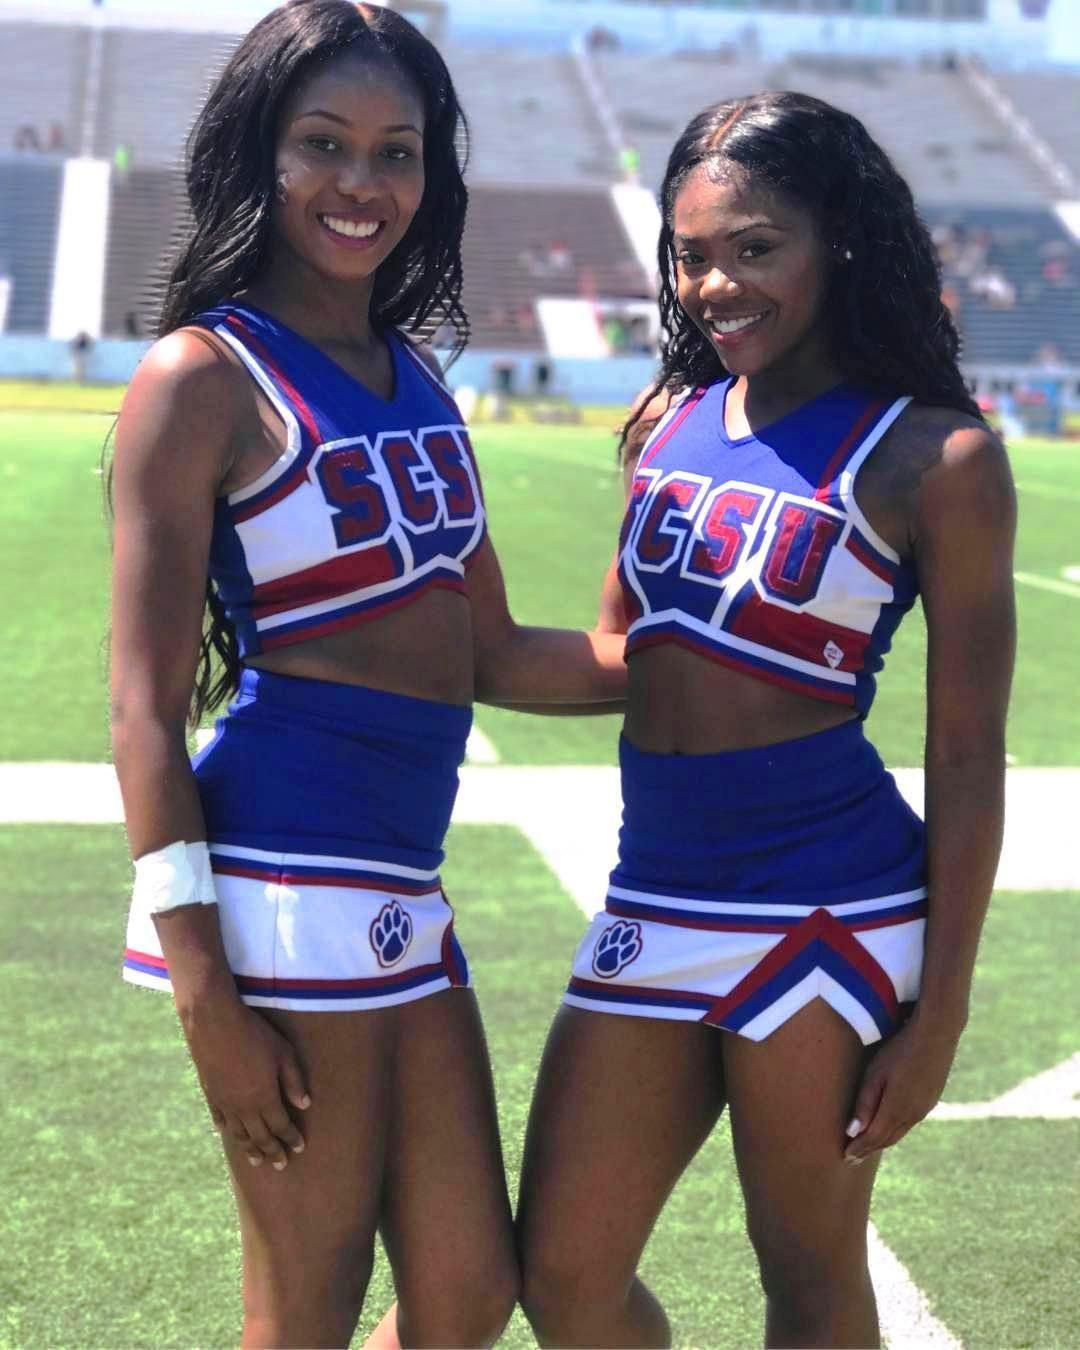 See More Hbcu Cheerleaders Here